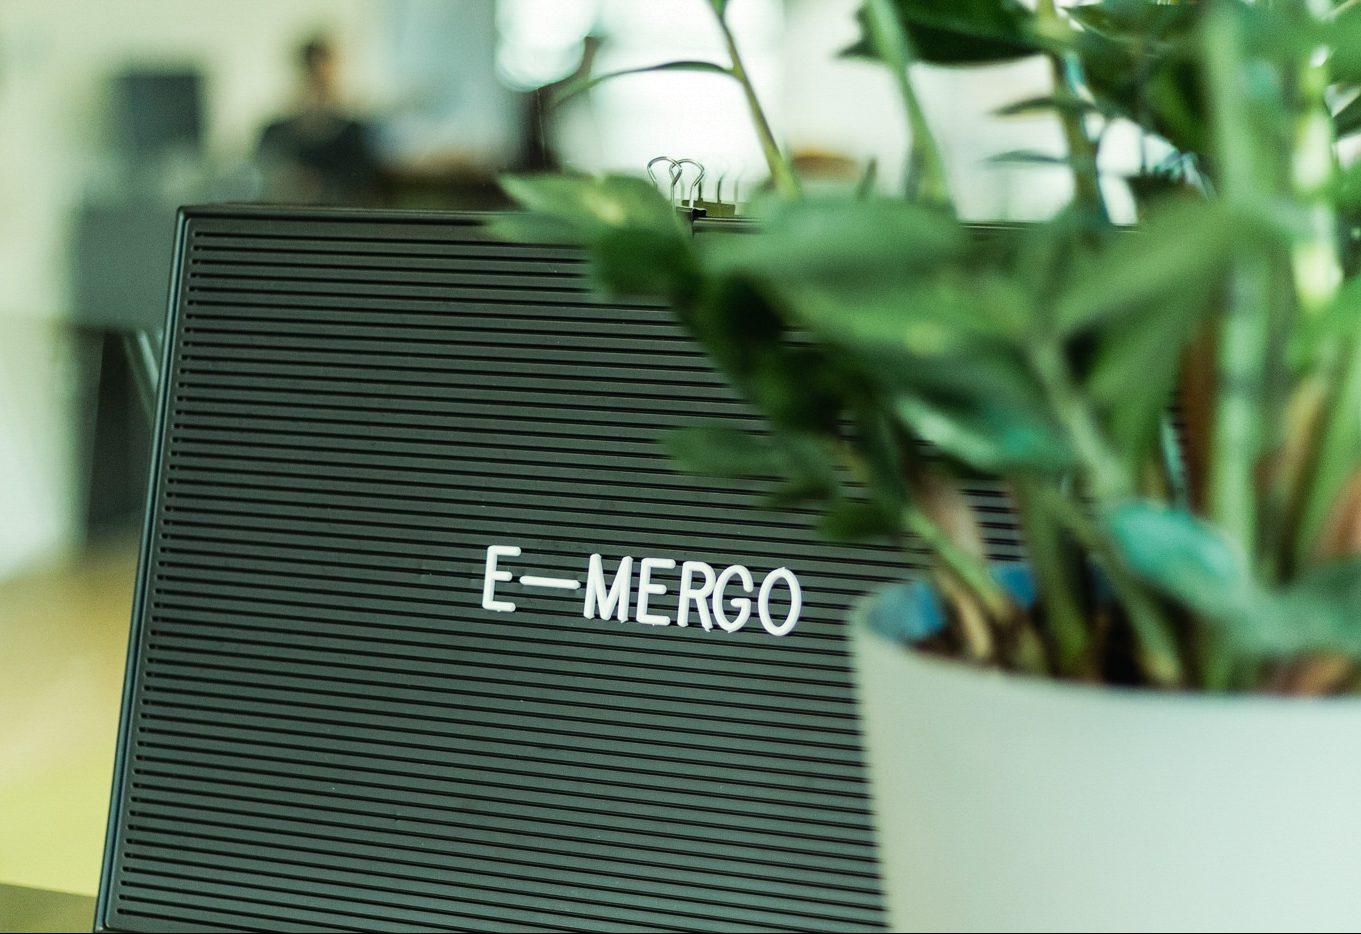 E-mergo, E-mergo extensiebundel, Qlik Extension Bundle, e-mergo.nl